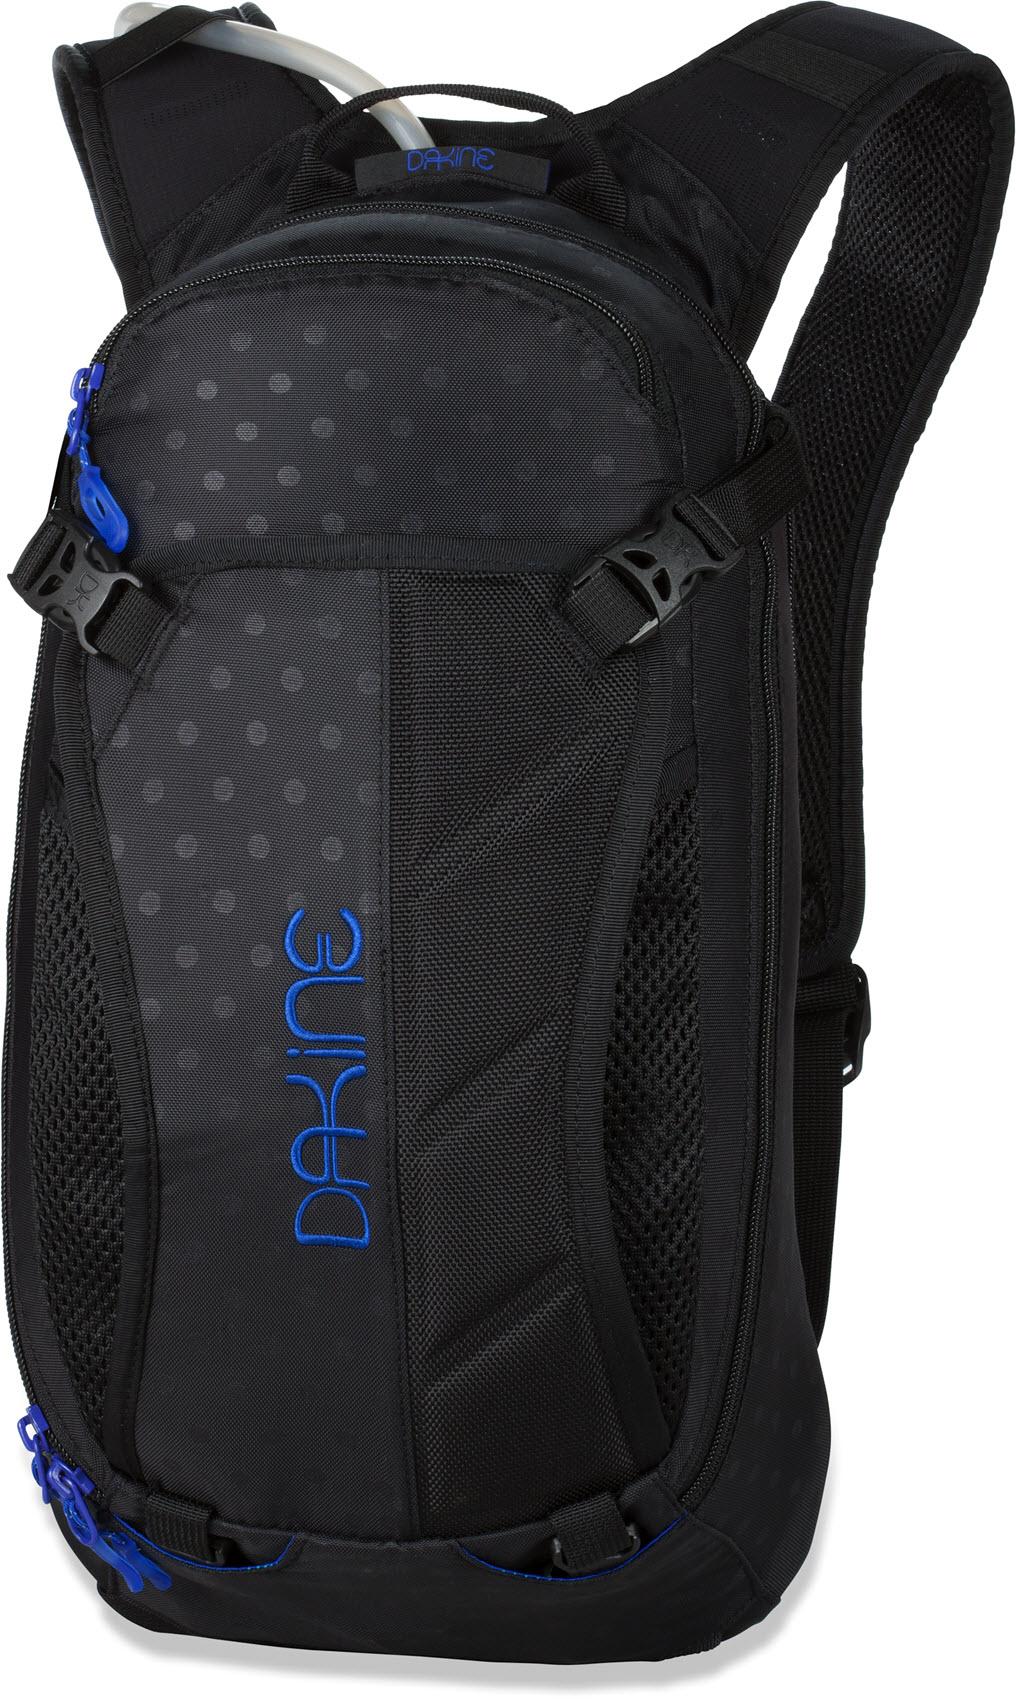 Dakine Womens Bike Backpack - Drafter 12L